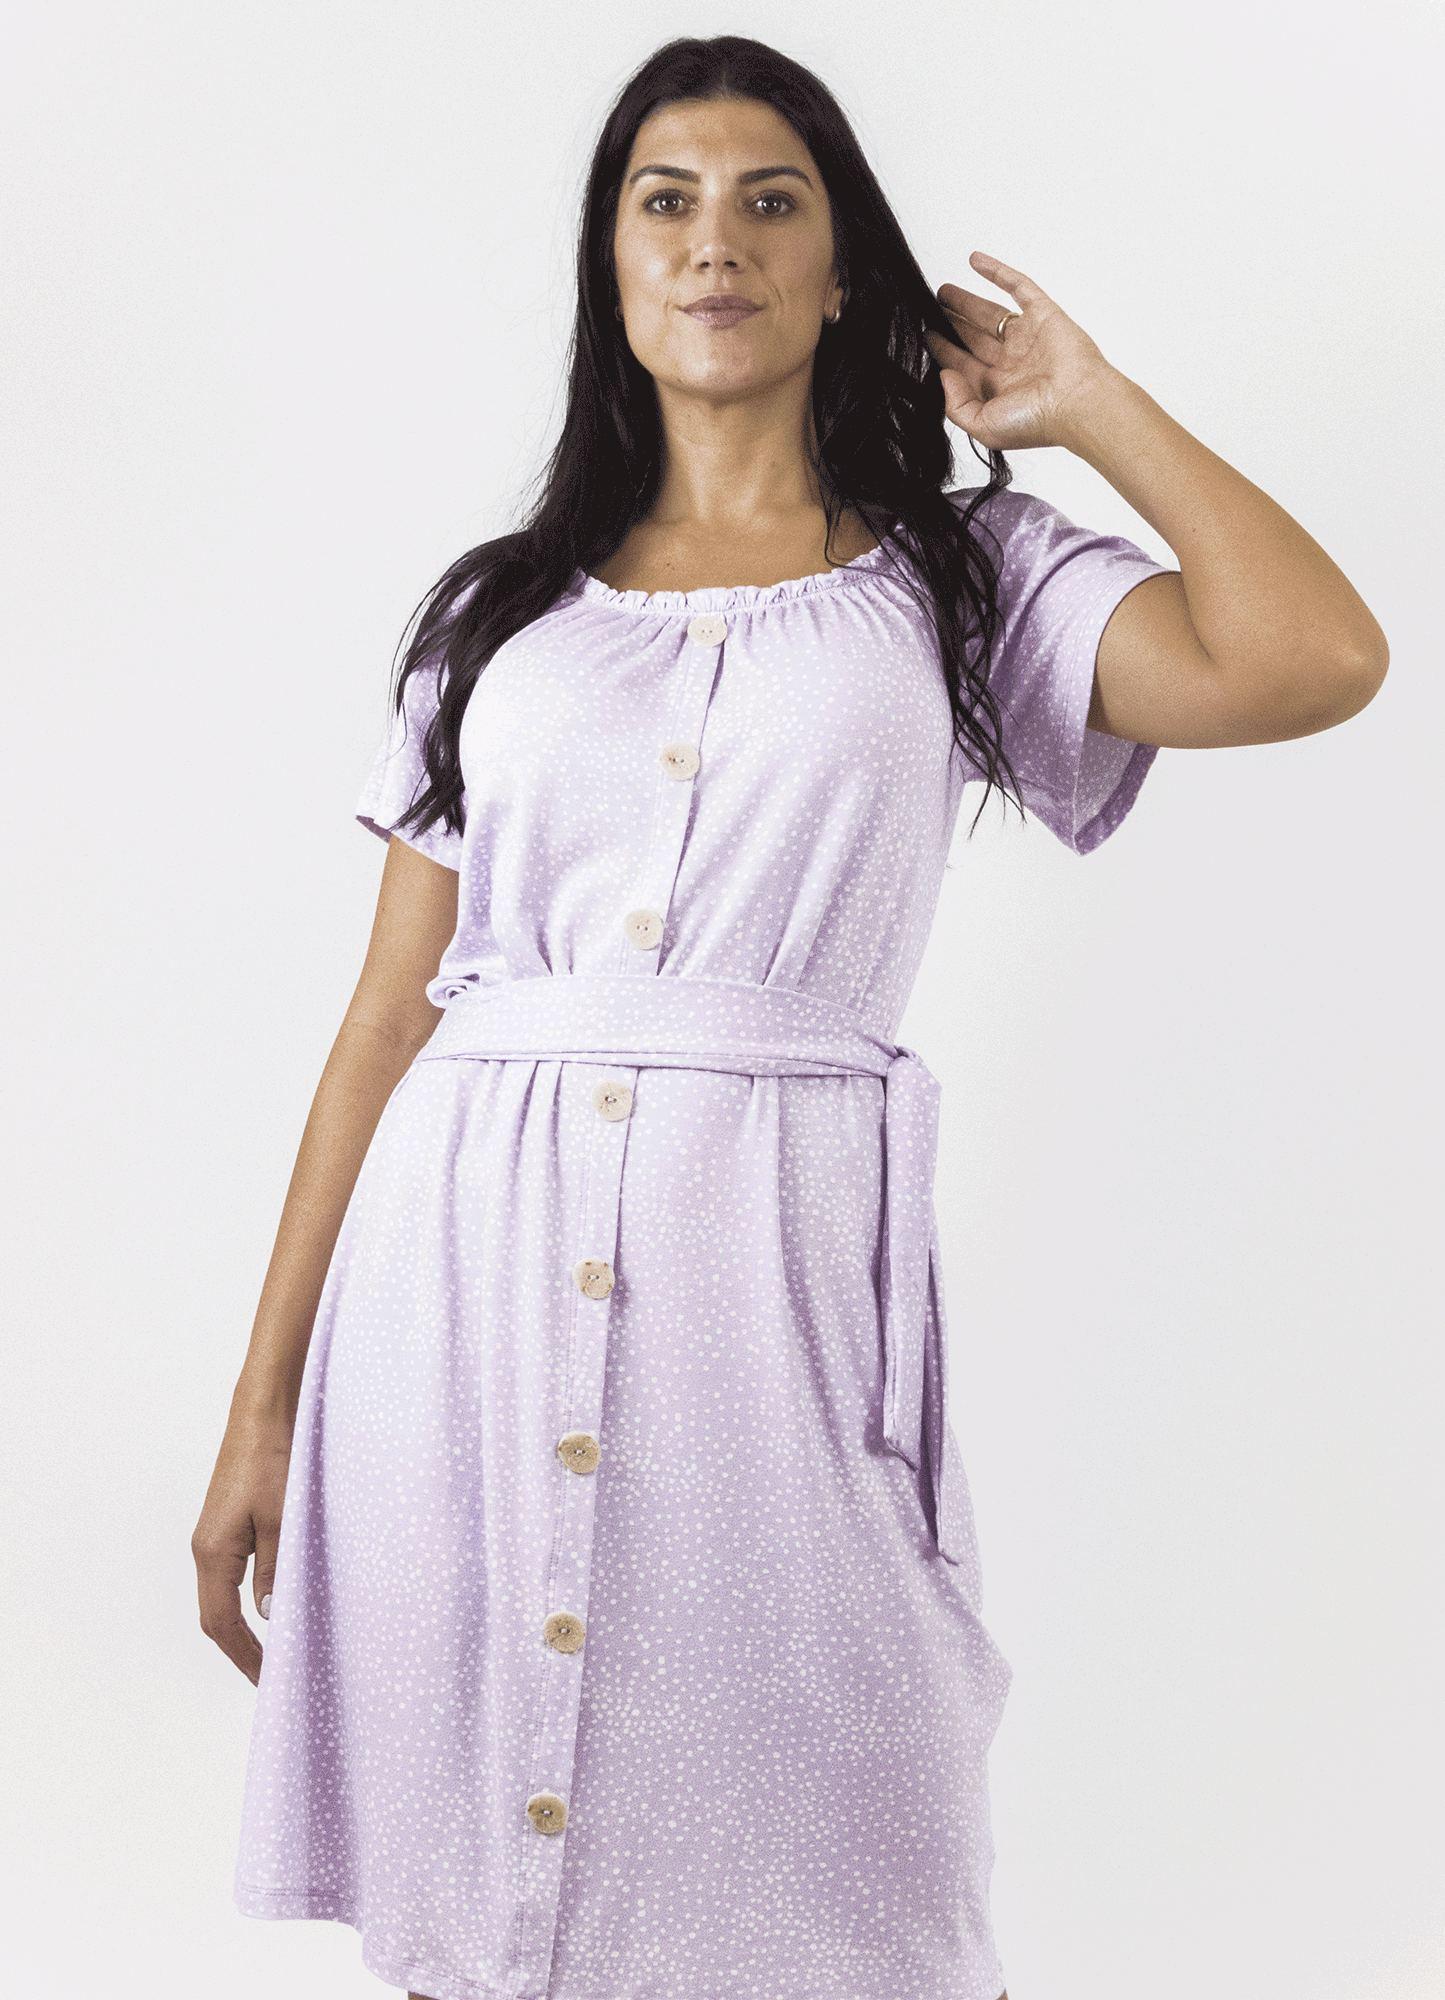 Vestido Feminino Estampa Poá com Elástico e Botões